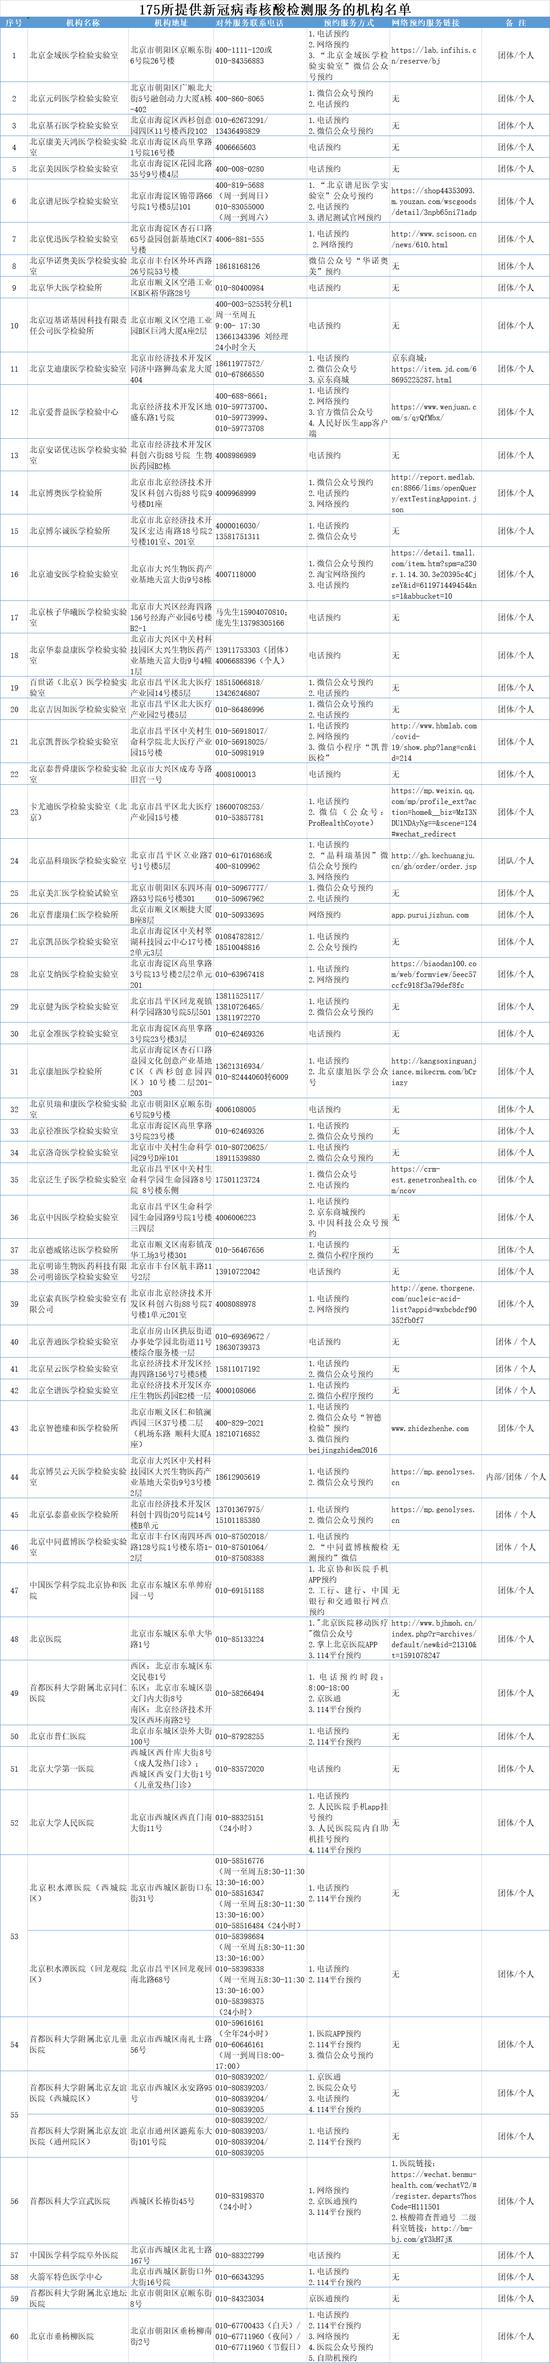 """北京核酸检测机构增至175家 可预约""""愿检尽检""""服务"""